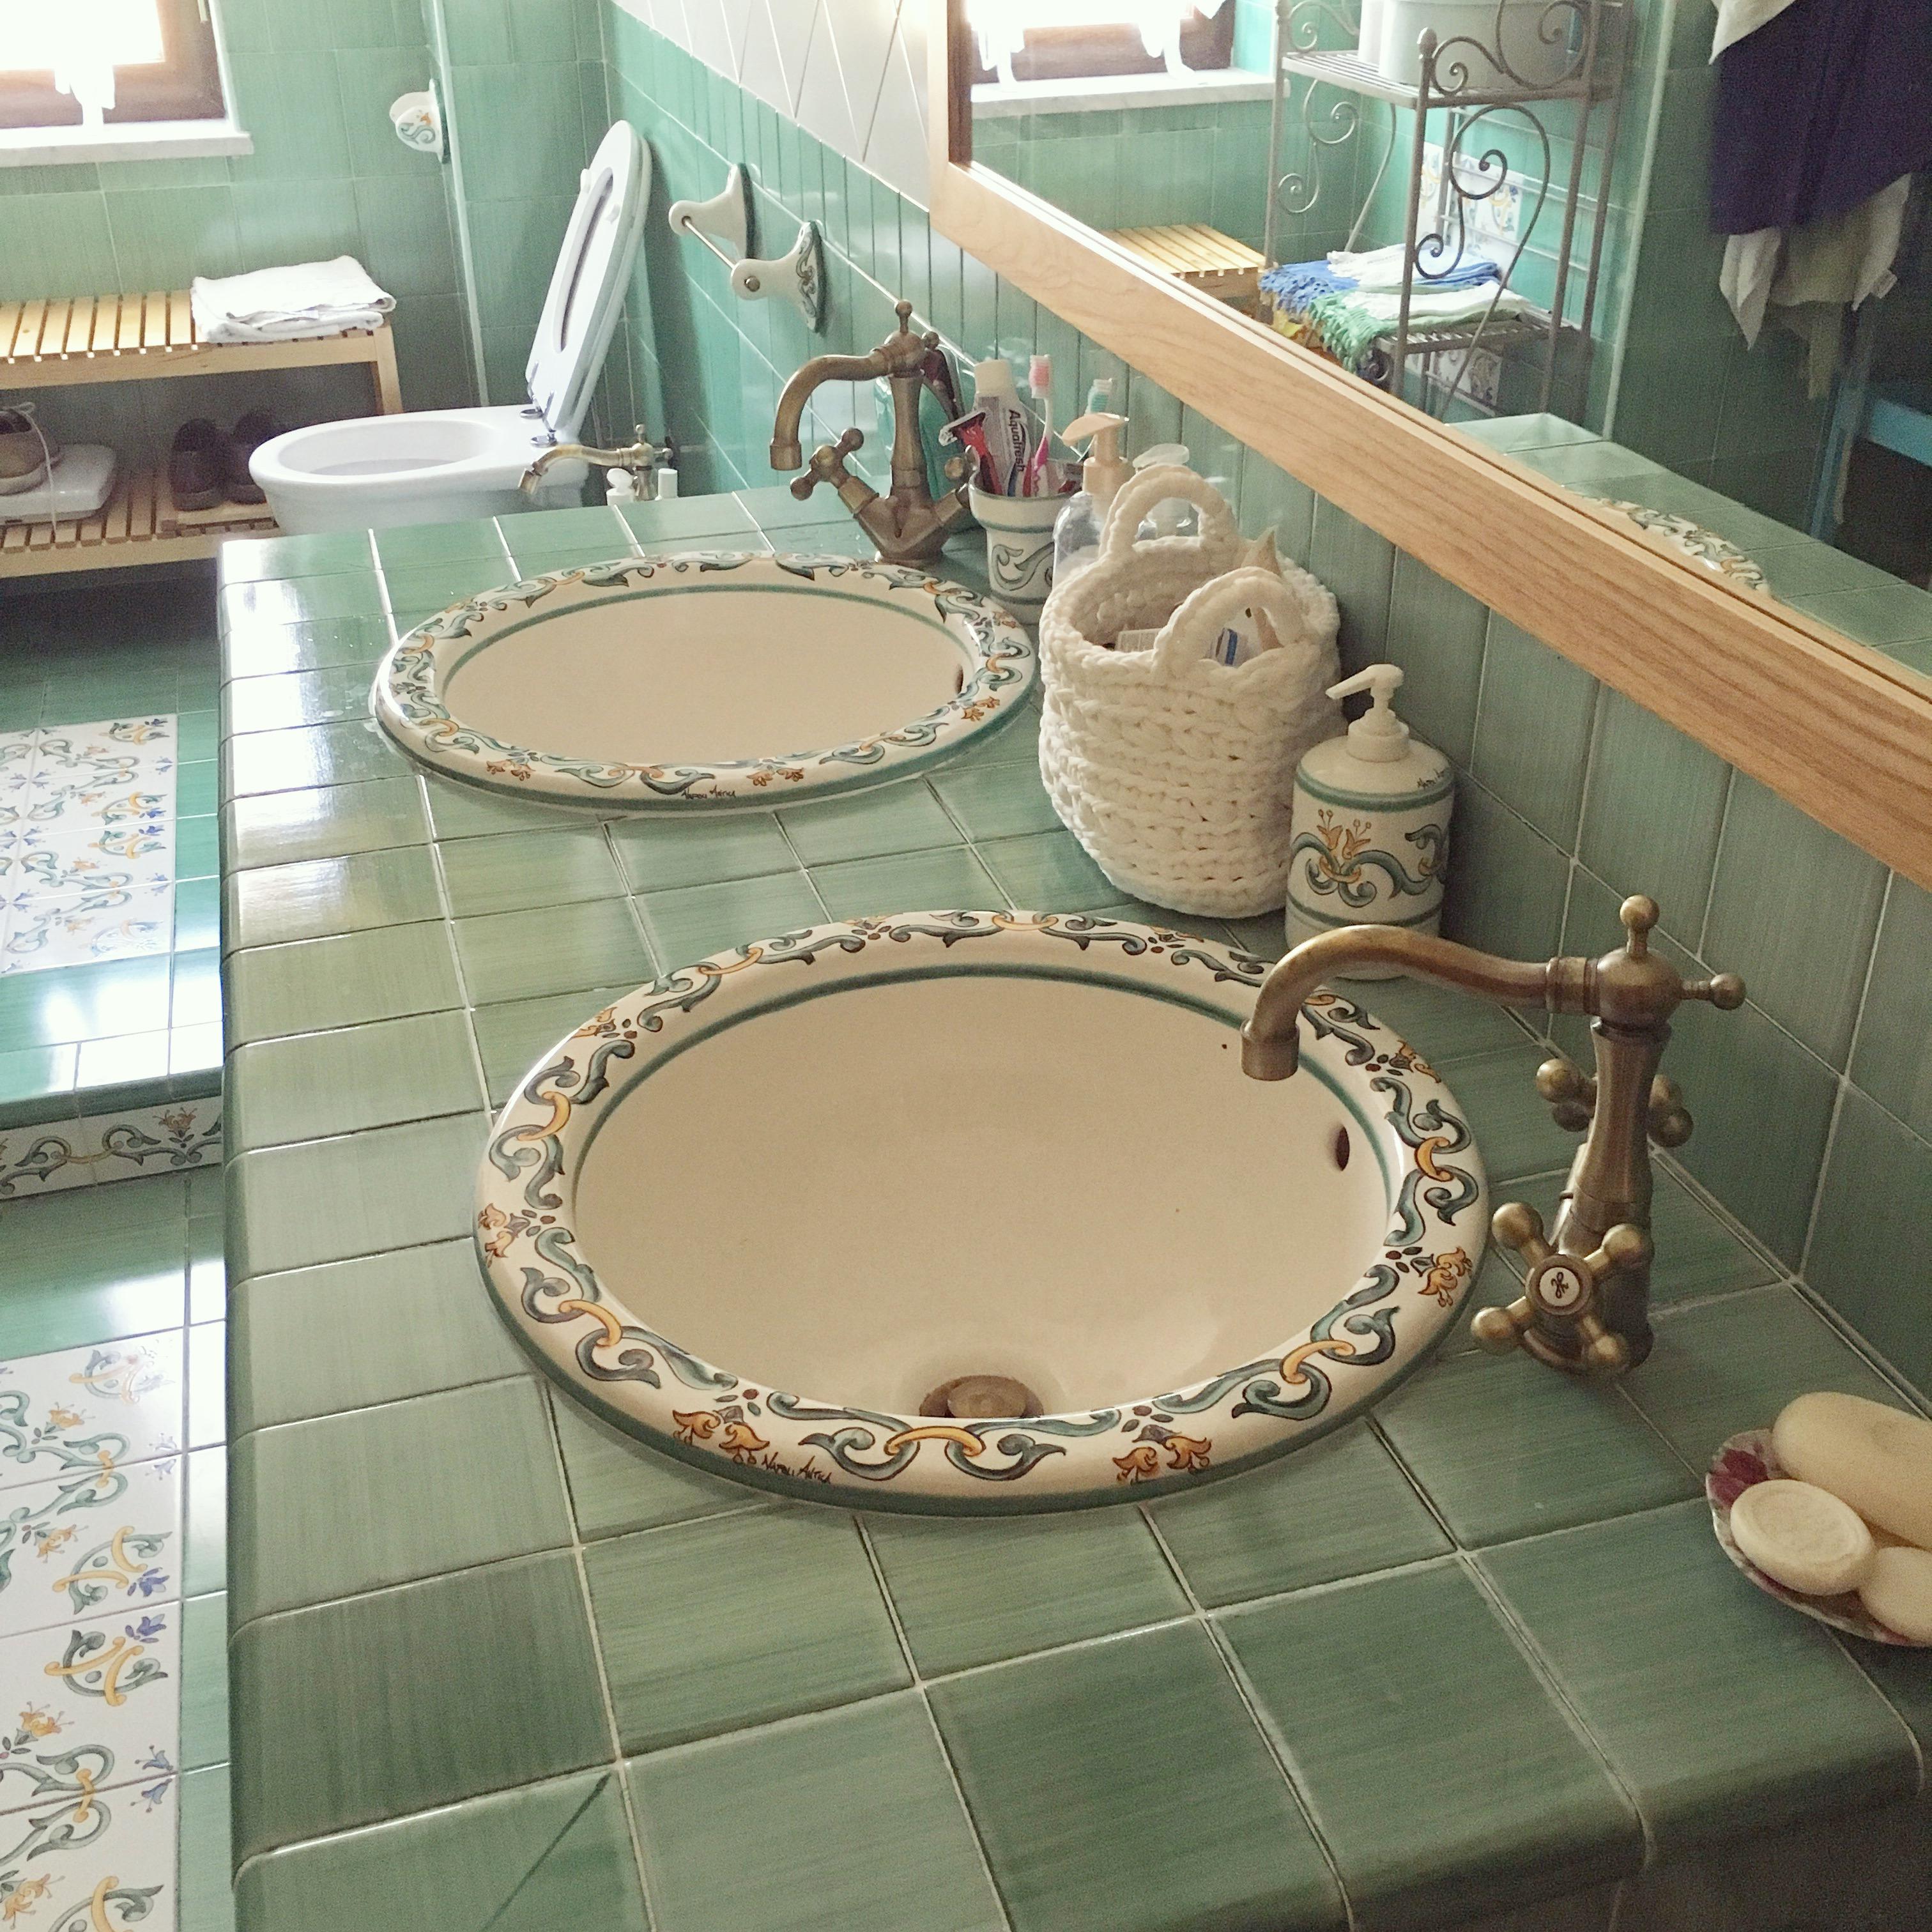 La mia casa tra stile rustico e provenzale the womoms - Casa provenzale ...